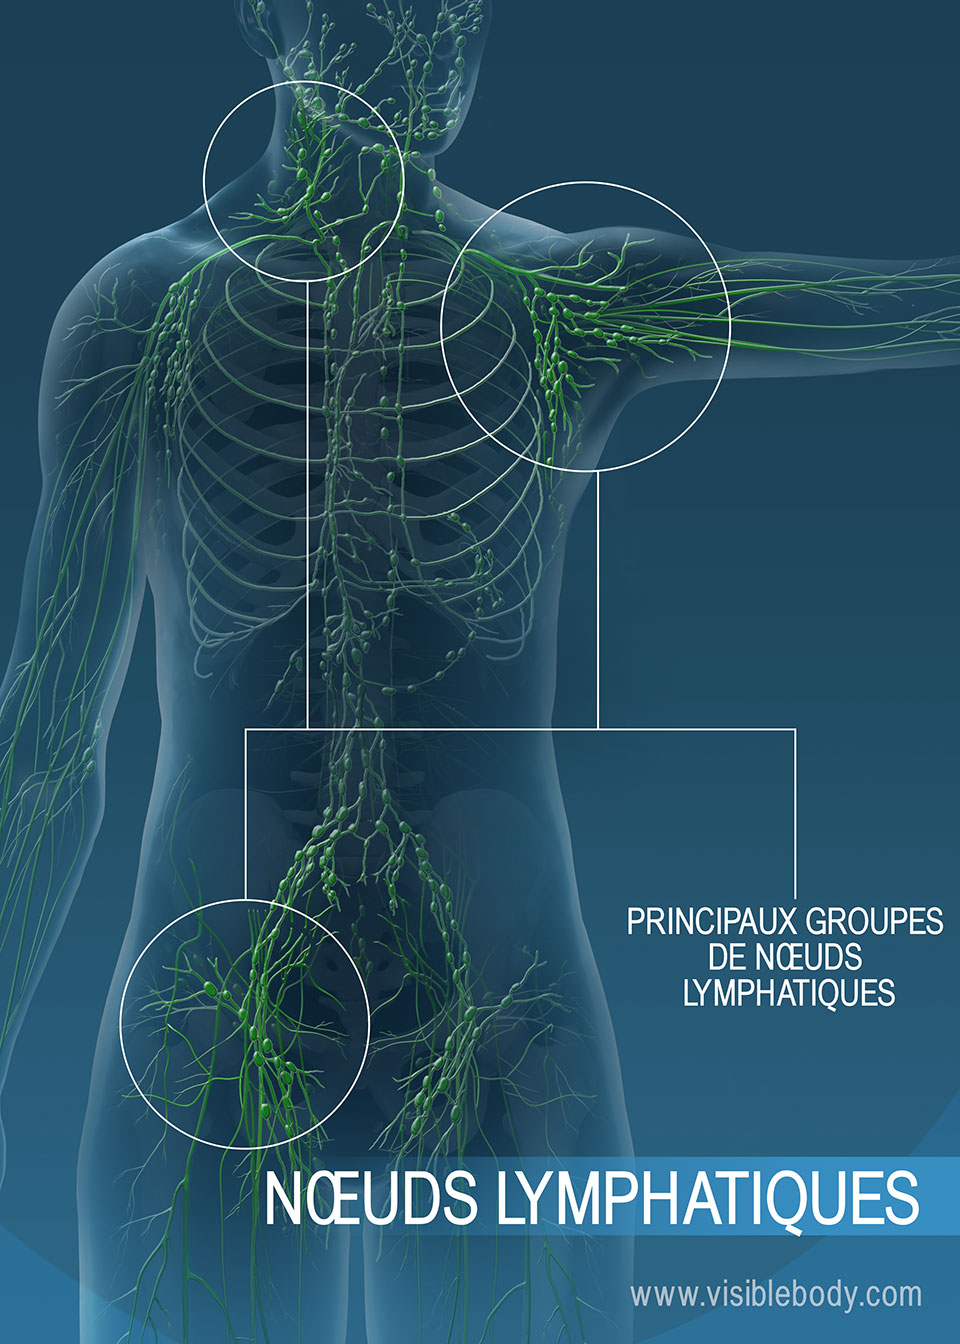 Les nœuds lymphatiques permettent de filtrer les substances indésirables présentes dans la lymphe.